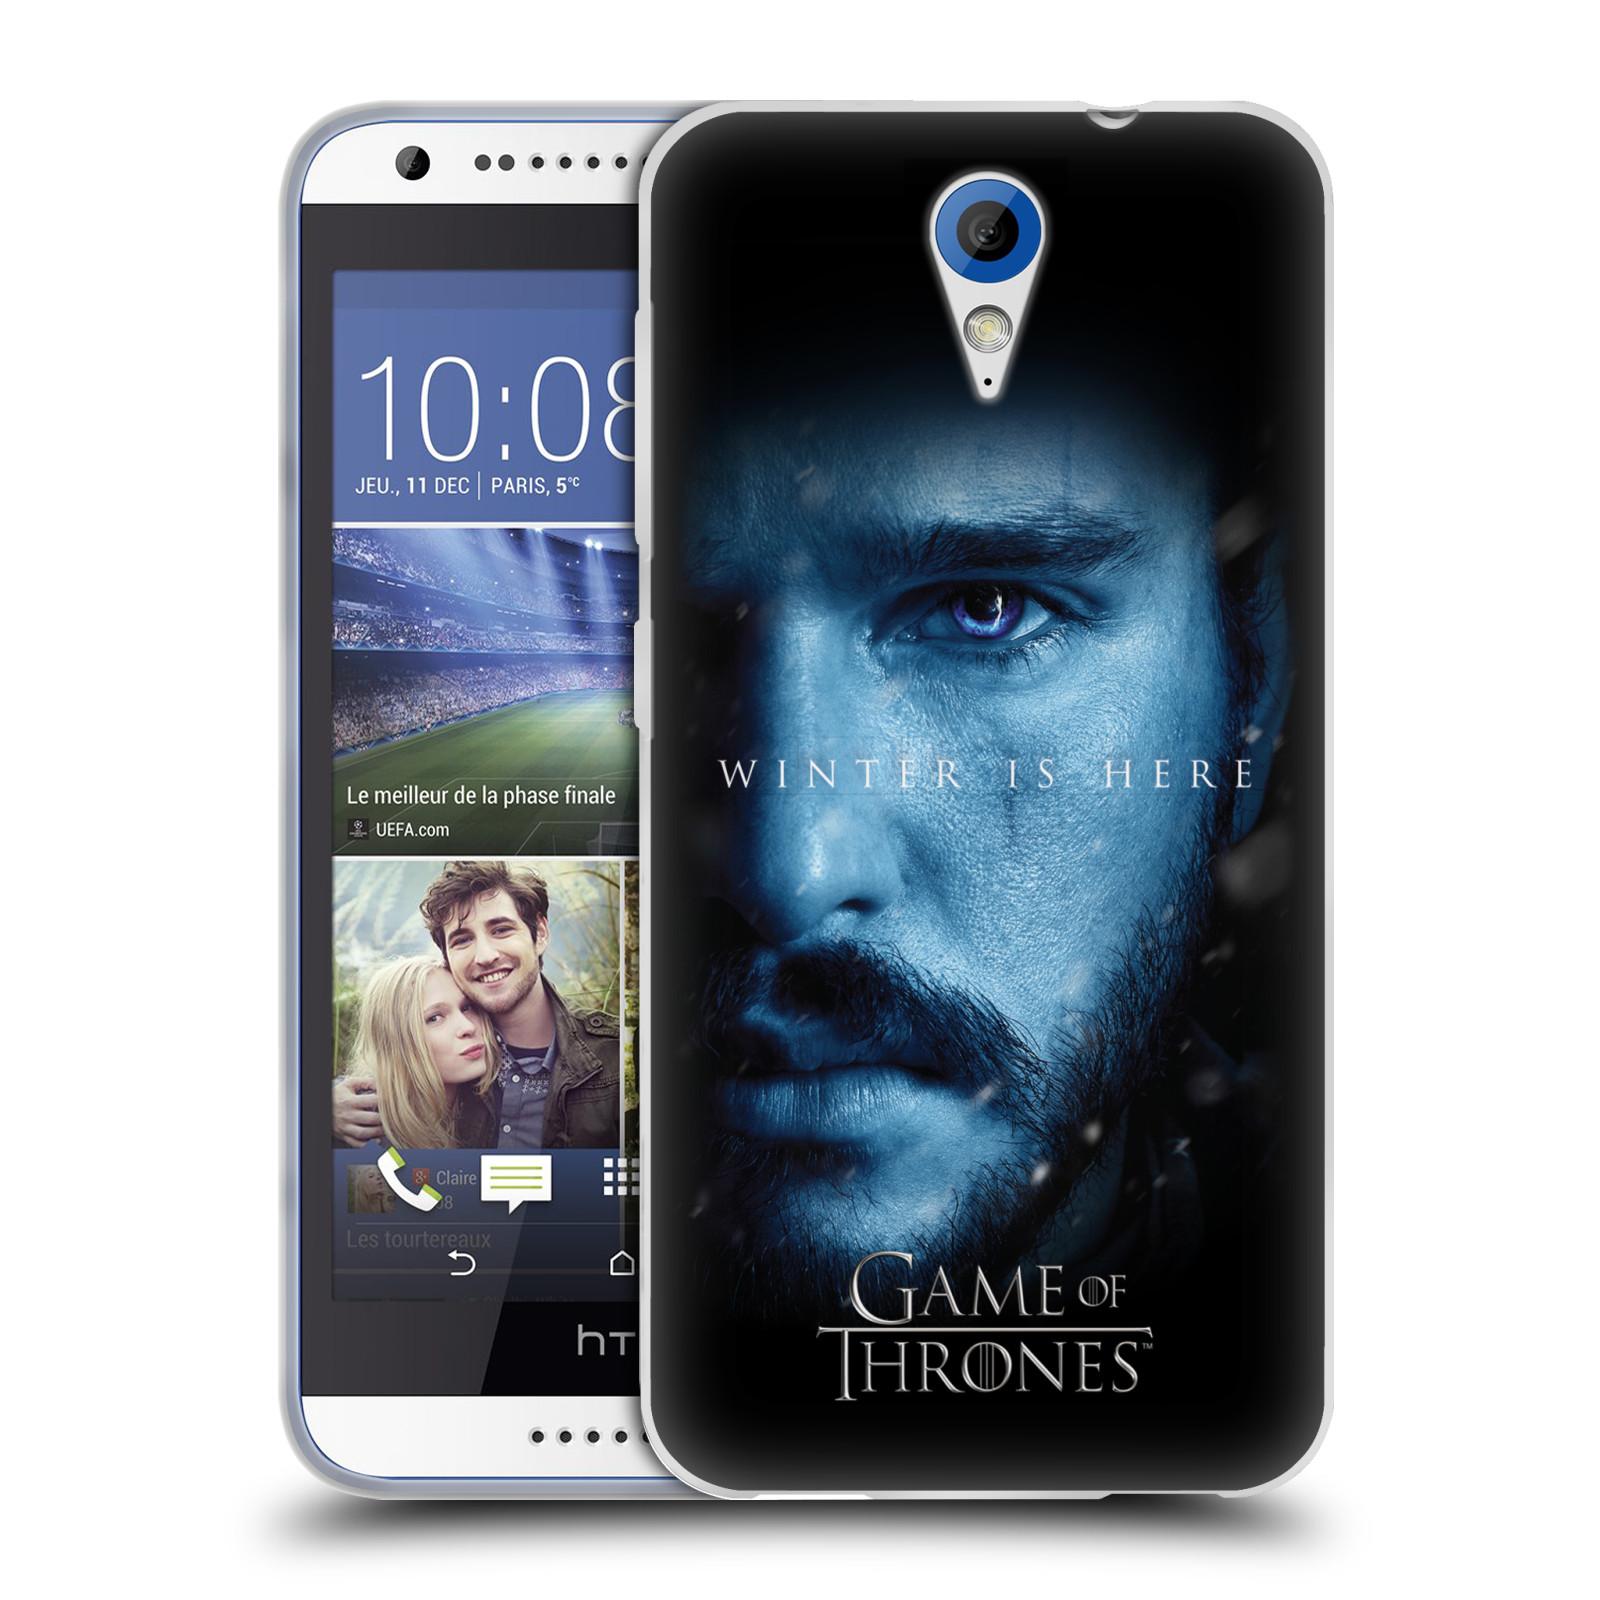 Silikonové pouzdro na mobil HTC Desire 620 - Head Case - Hra o trůny - Jon Snow - Winter is here (Silikonový kryt či obal na mobilní telefon s motivem Game of Thrones - Jon Snow - Winter is here - Season 7 pro HTC Desire 620)